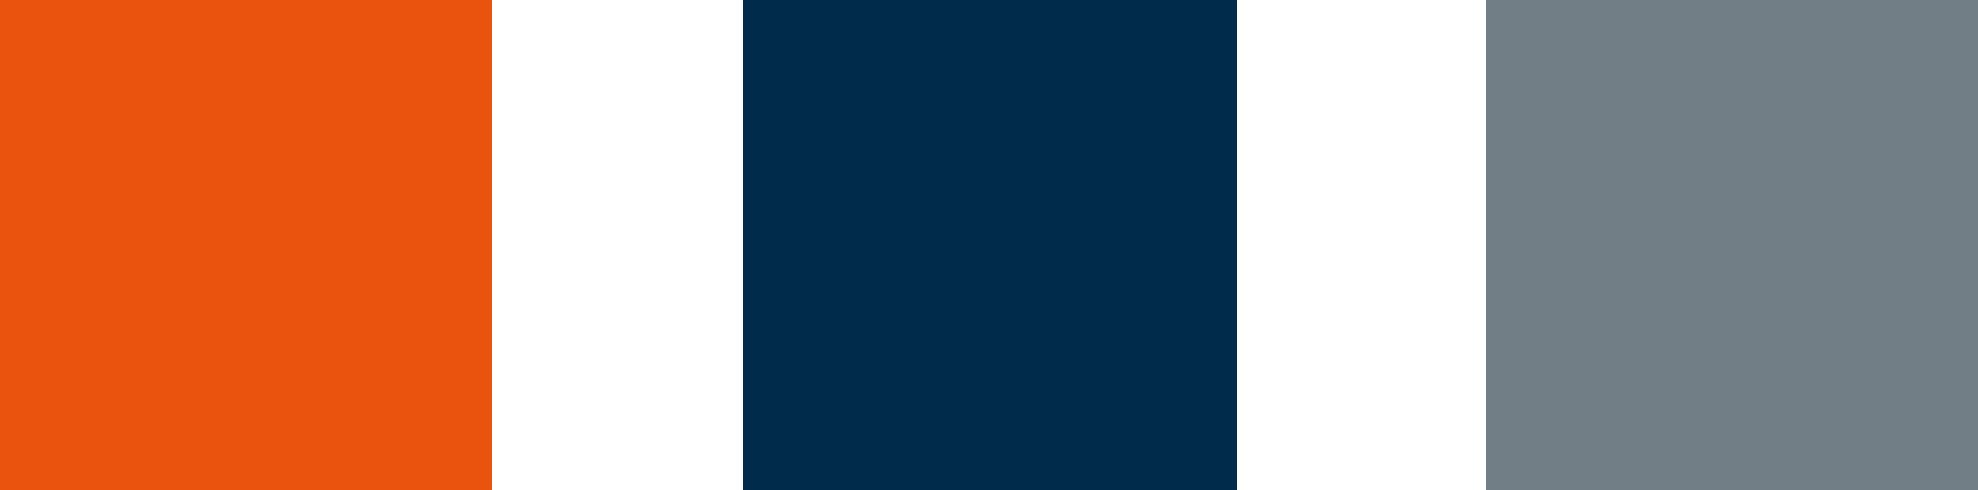 KPI_Farben